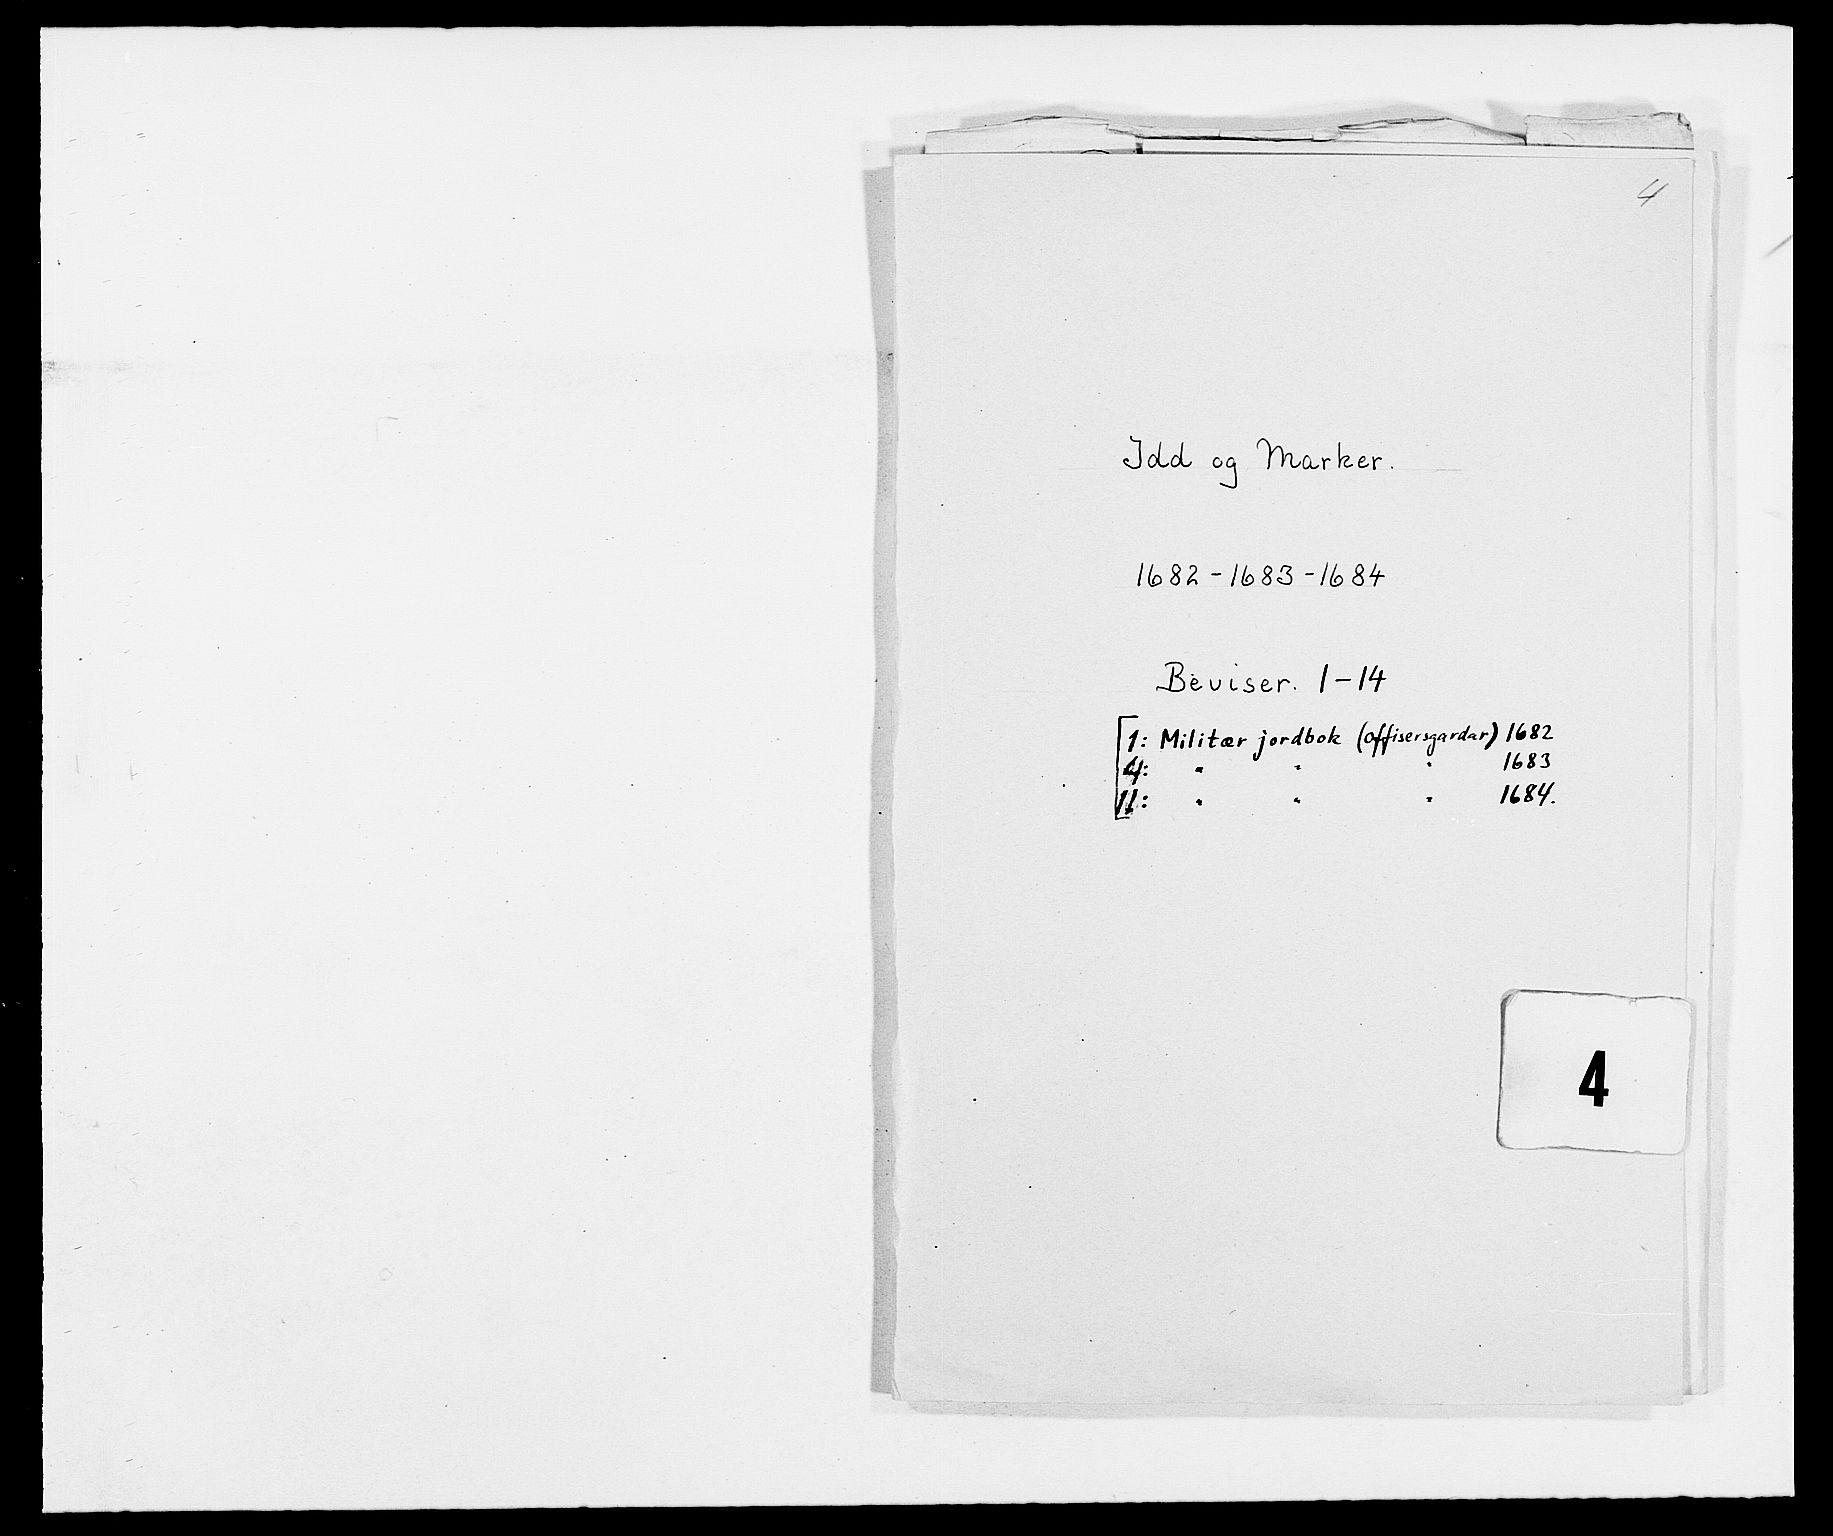 RA, Rentekammeret inntil 1814, Reviderte regnskaper, Fogderegnskap, R01/L0005: Fogderegnskap Idd og Marker , 1682-1684, s. 214